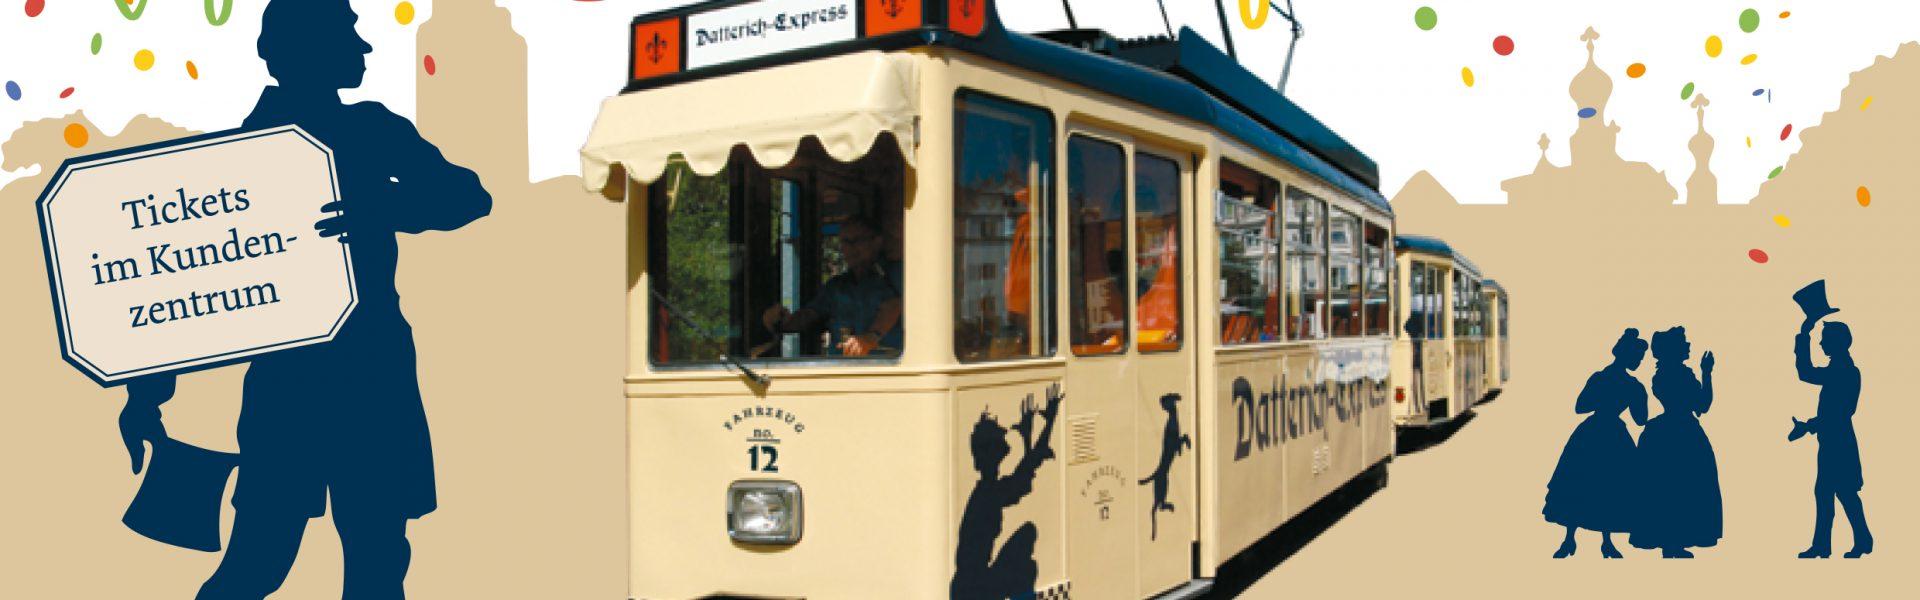 Header Bild Mit dem Datterich-Express auf Kreppel-Tour